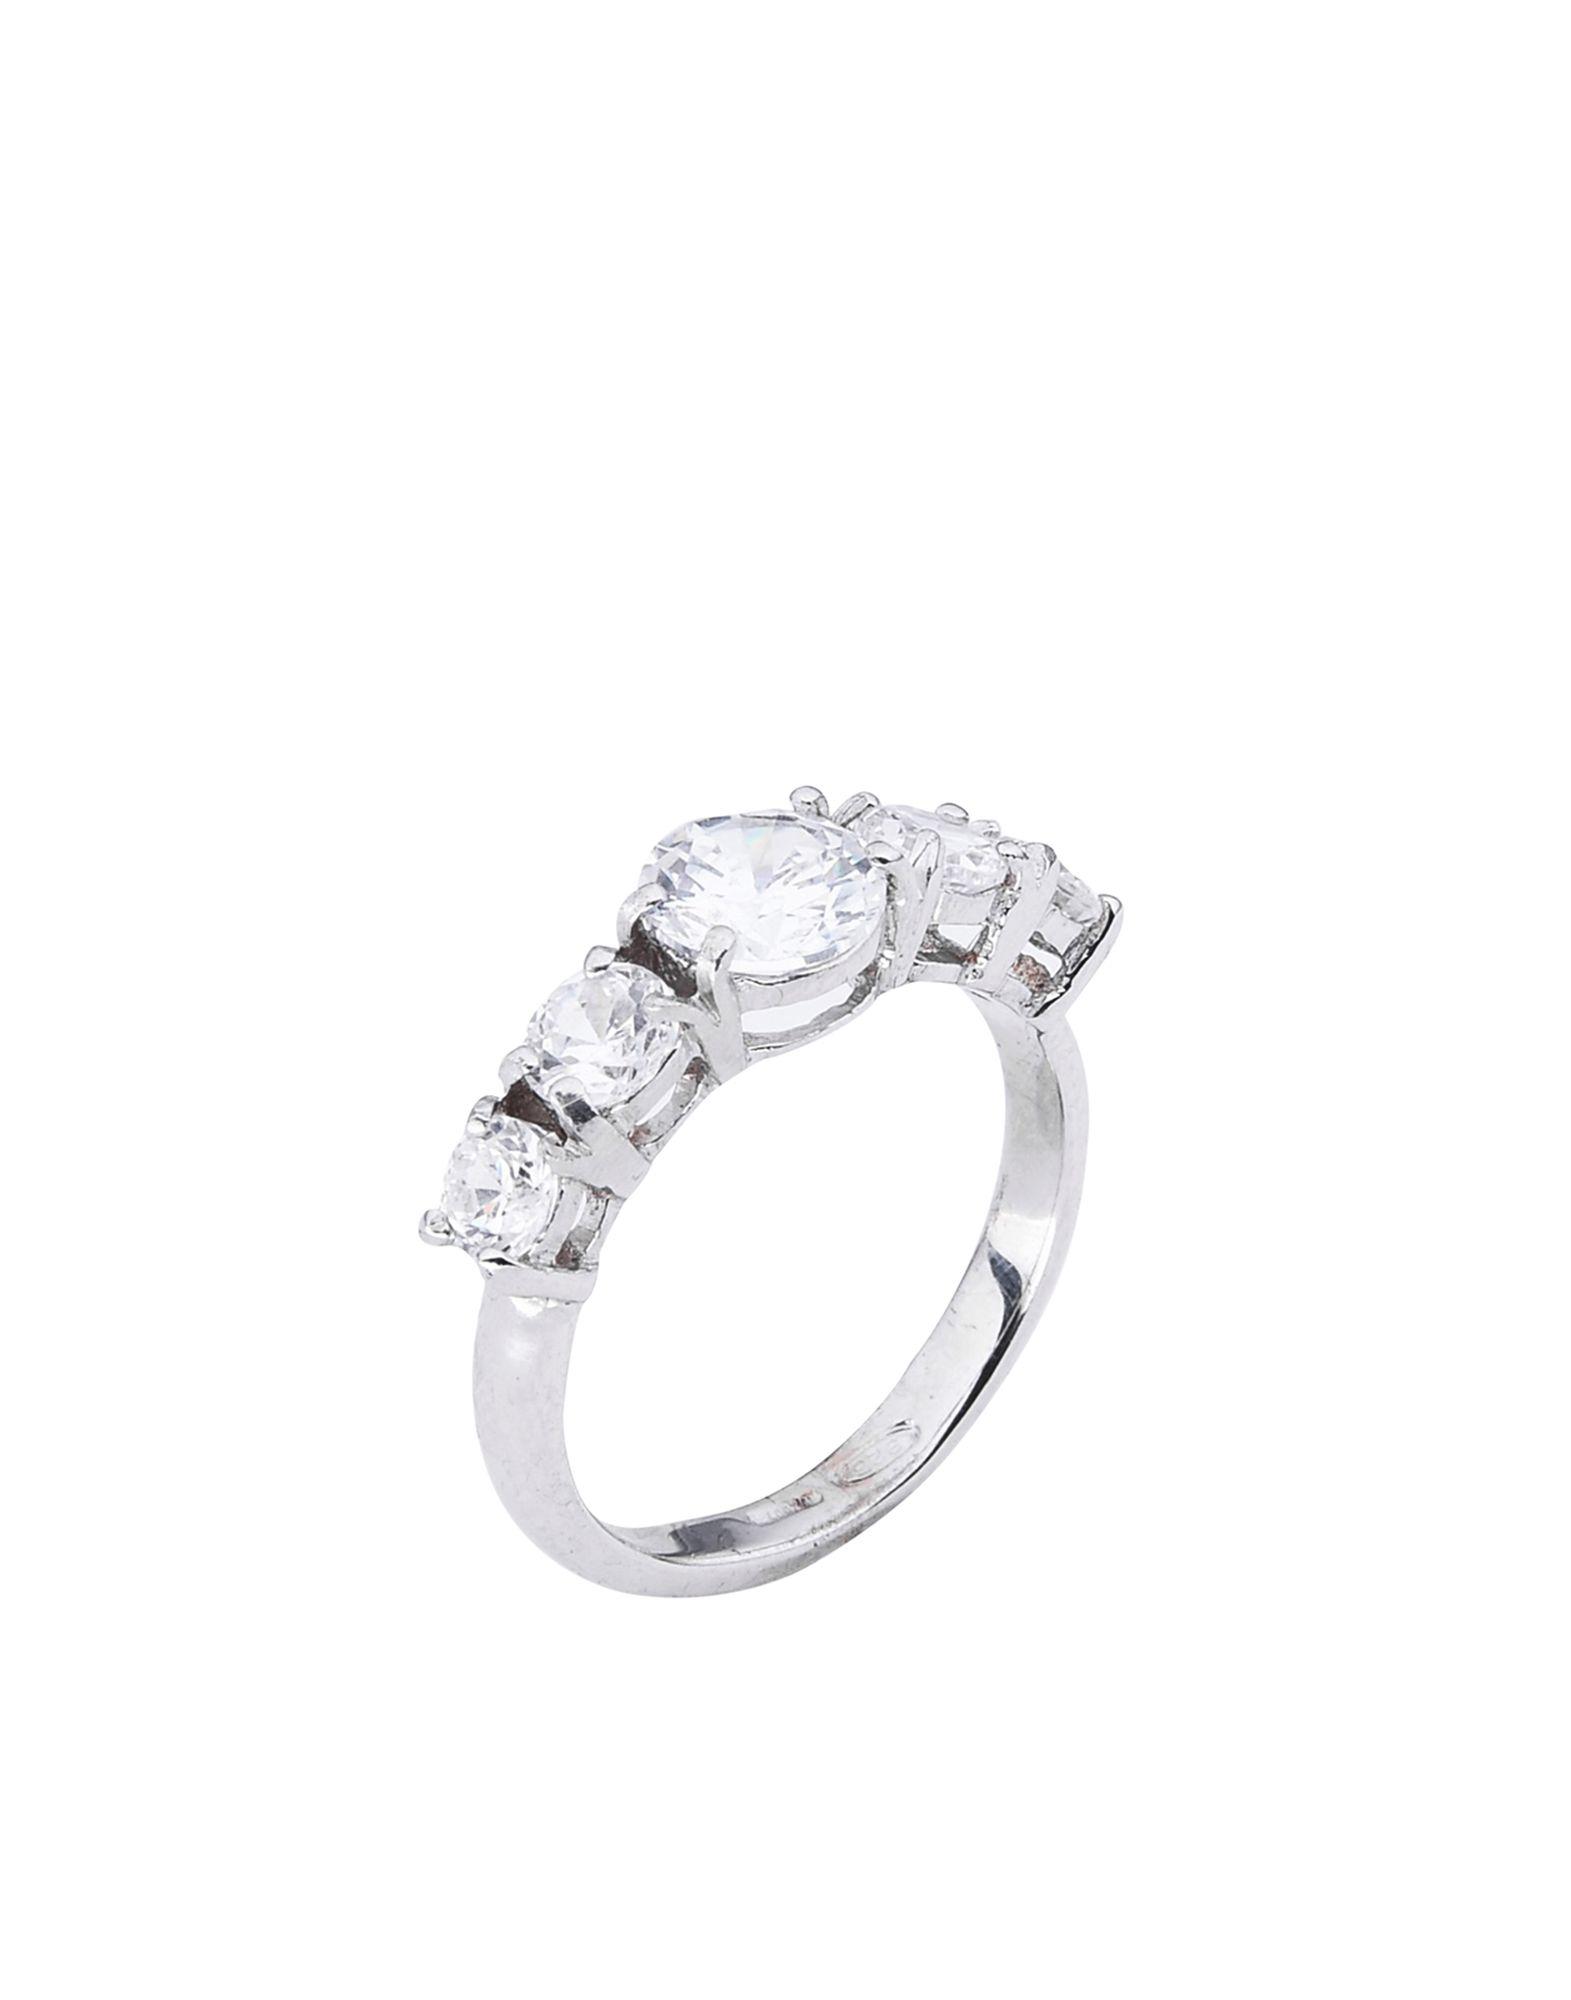 《送料無料》BLISS レディース 指輪 シルバー 9 シルバー925/1000 / キュービックジルコニア